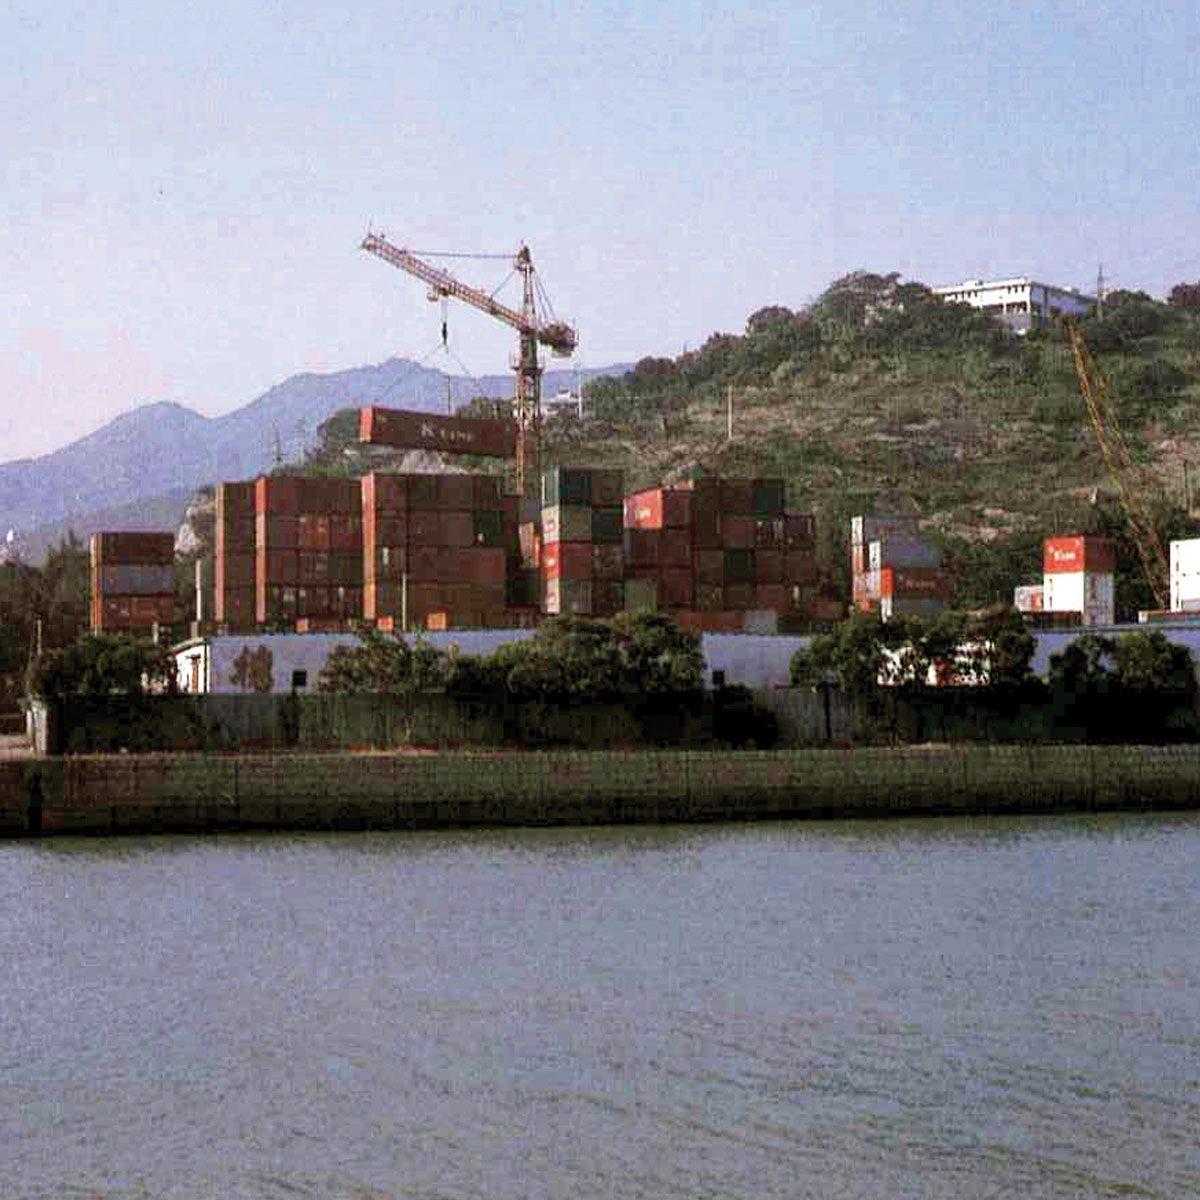 Tai Lam Chung Dangerous Goods Warehouse at Lot 421, Tai Lam Chung, New Territories